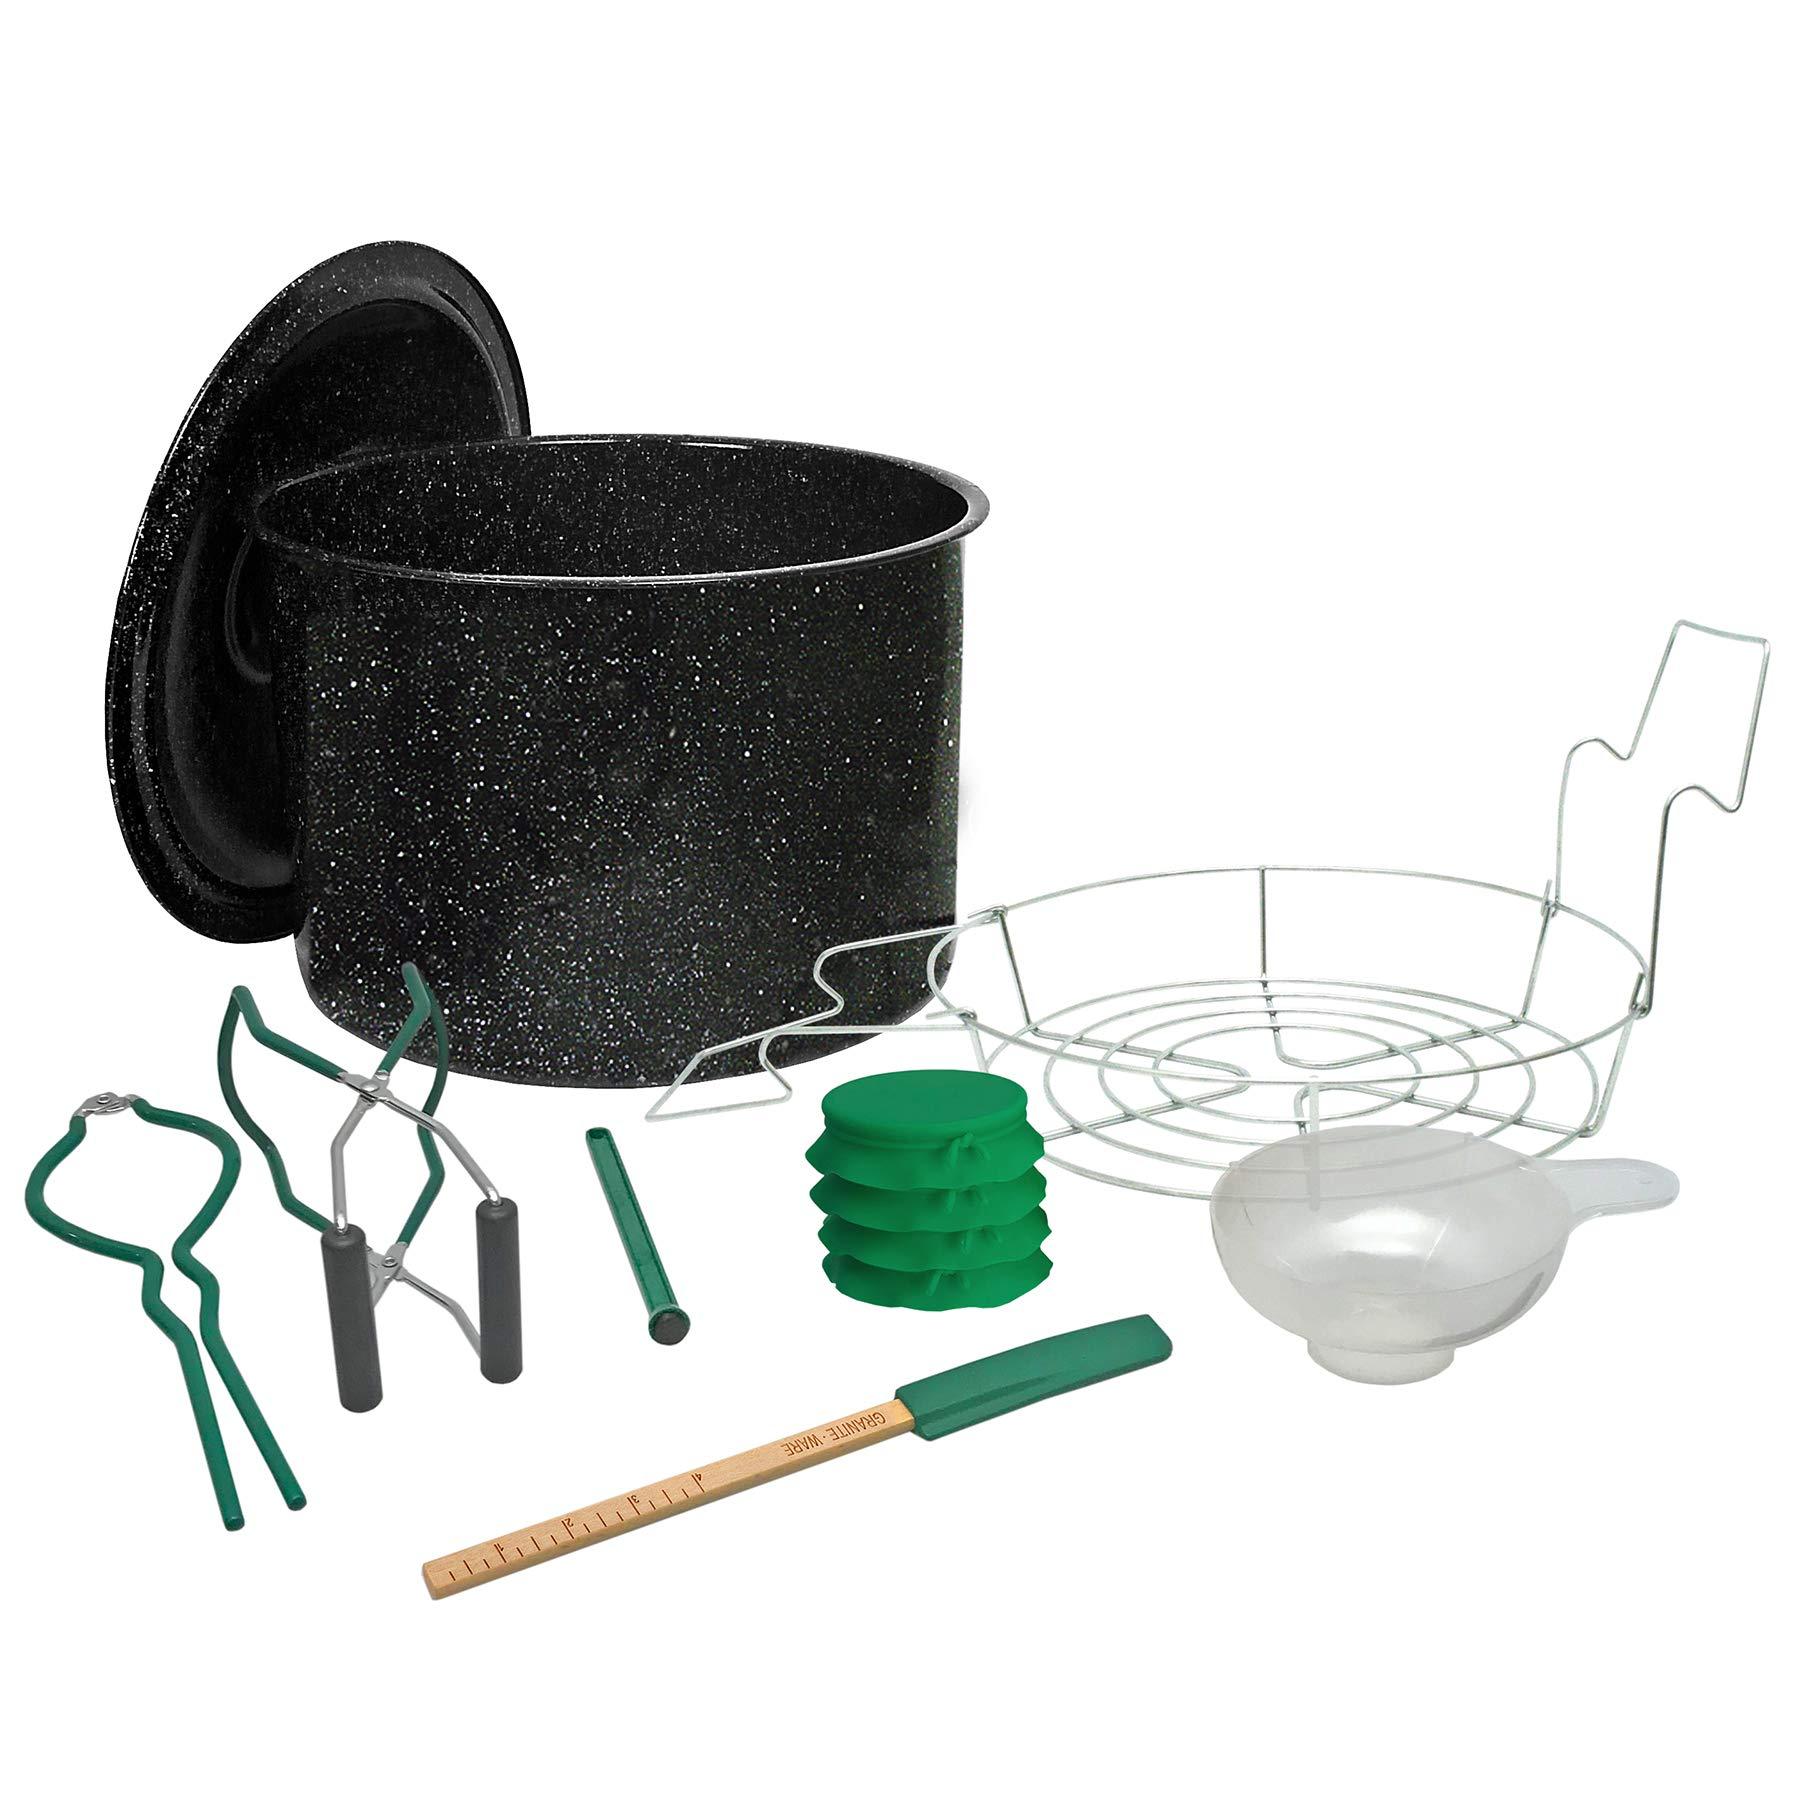 GraniteWare Farmer's Market Mini Canner Essentials Set (Black, 9 - Piece) by Granite Ware